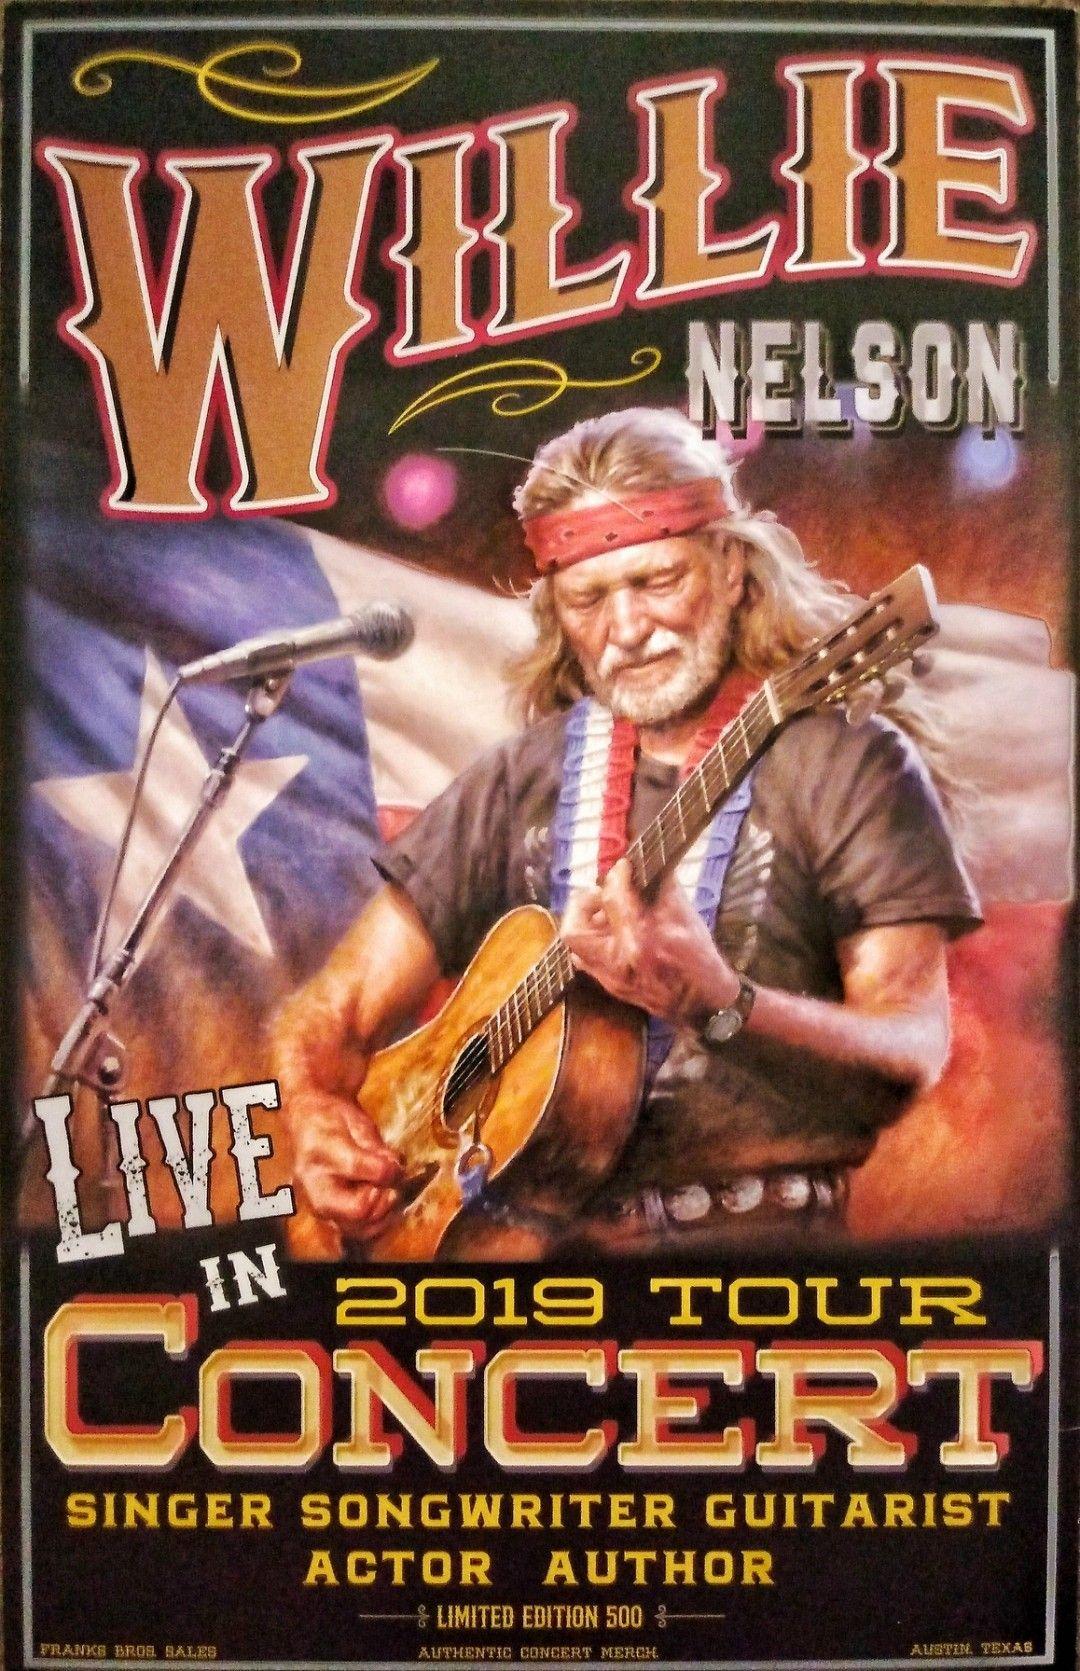 poster art for willie nelson concert